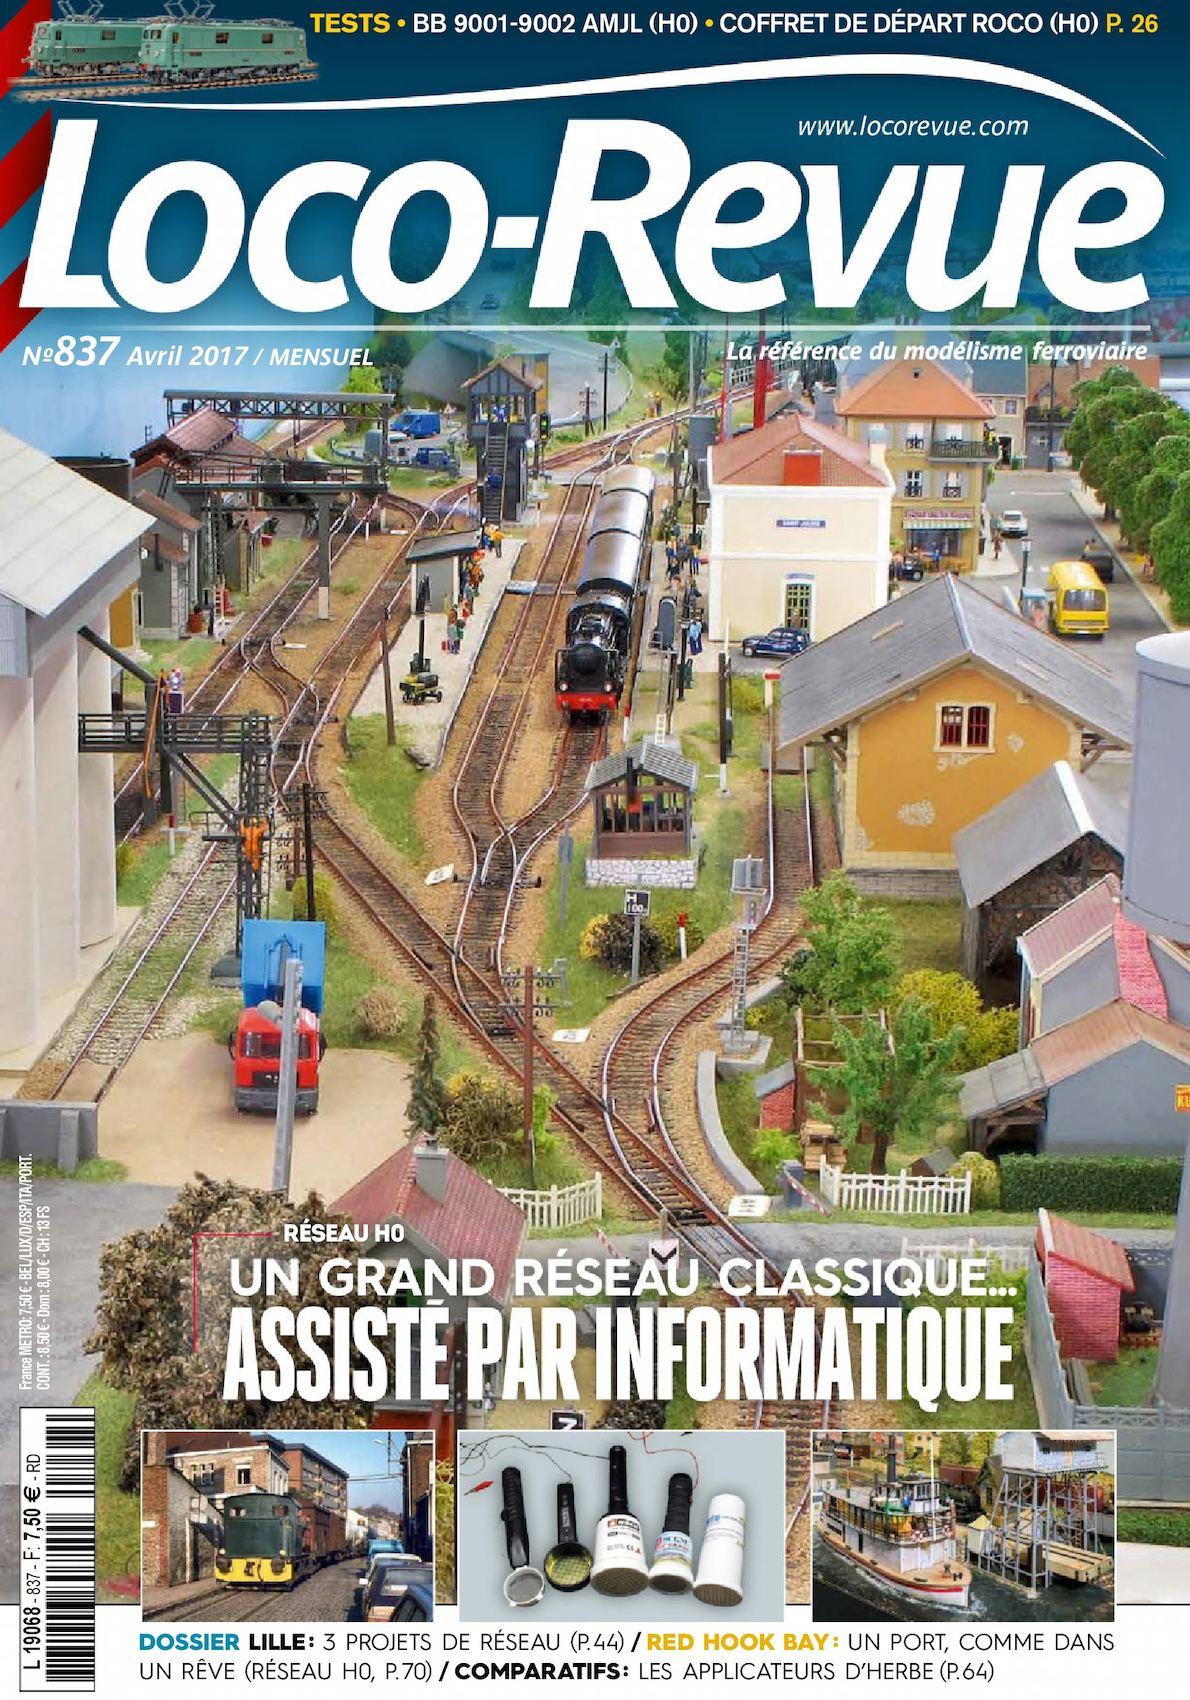 Loco Revue 04 2017